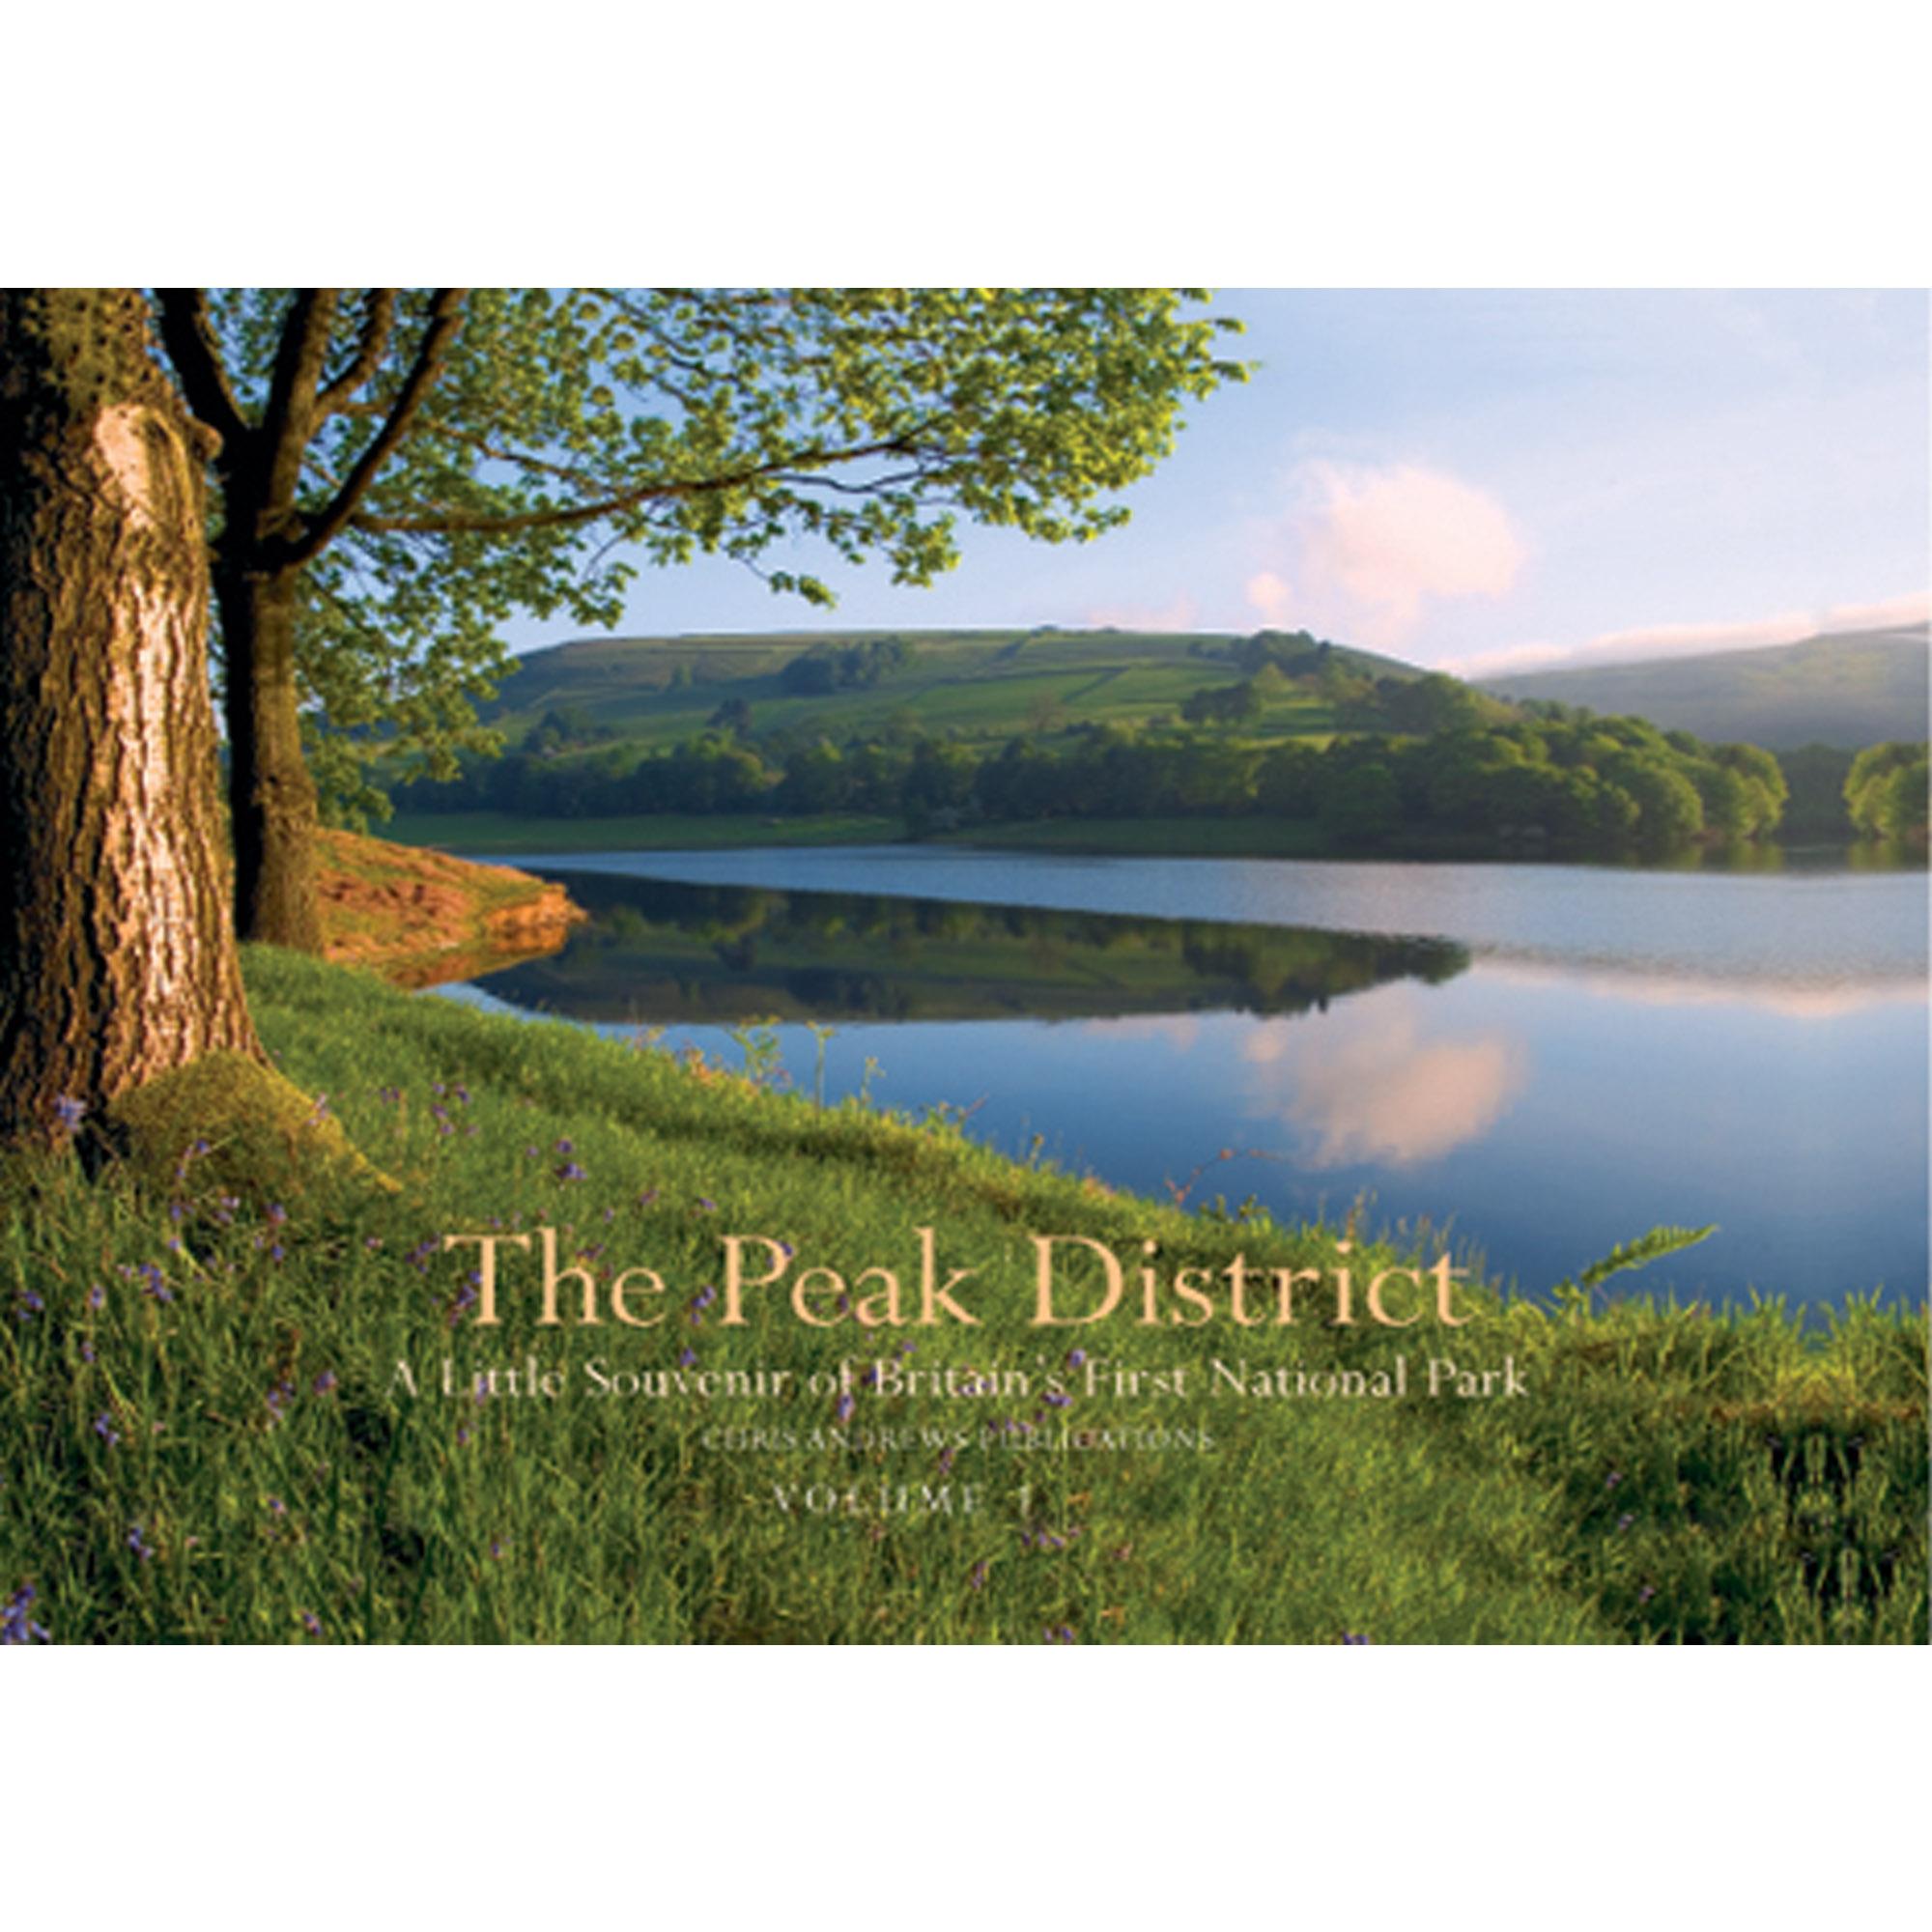 The Peak District little souvenir book - cover